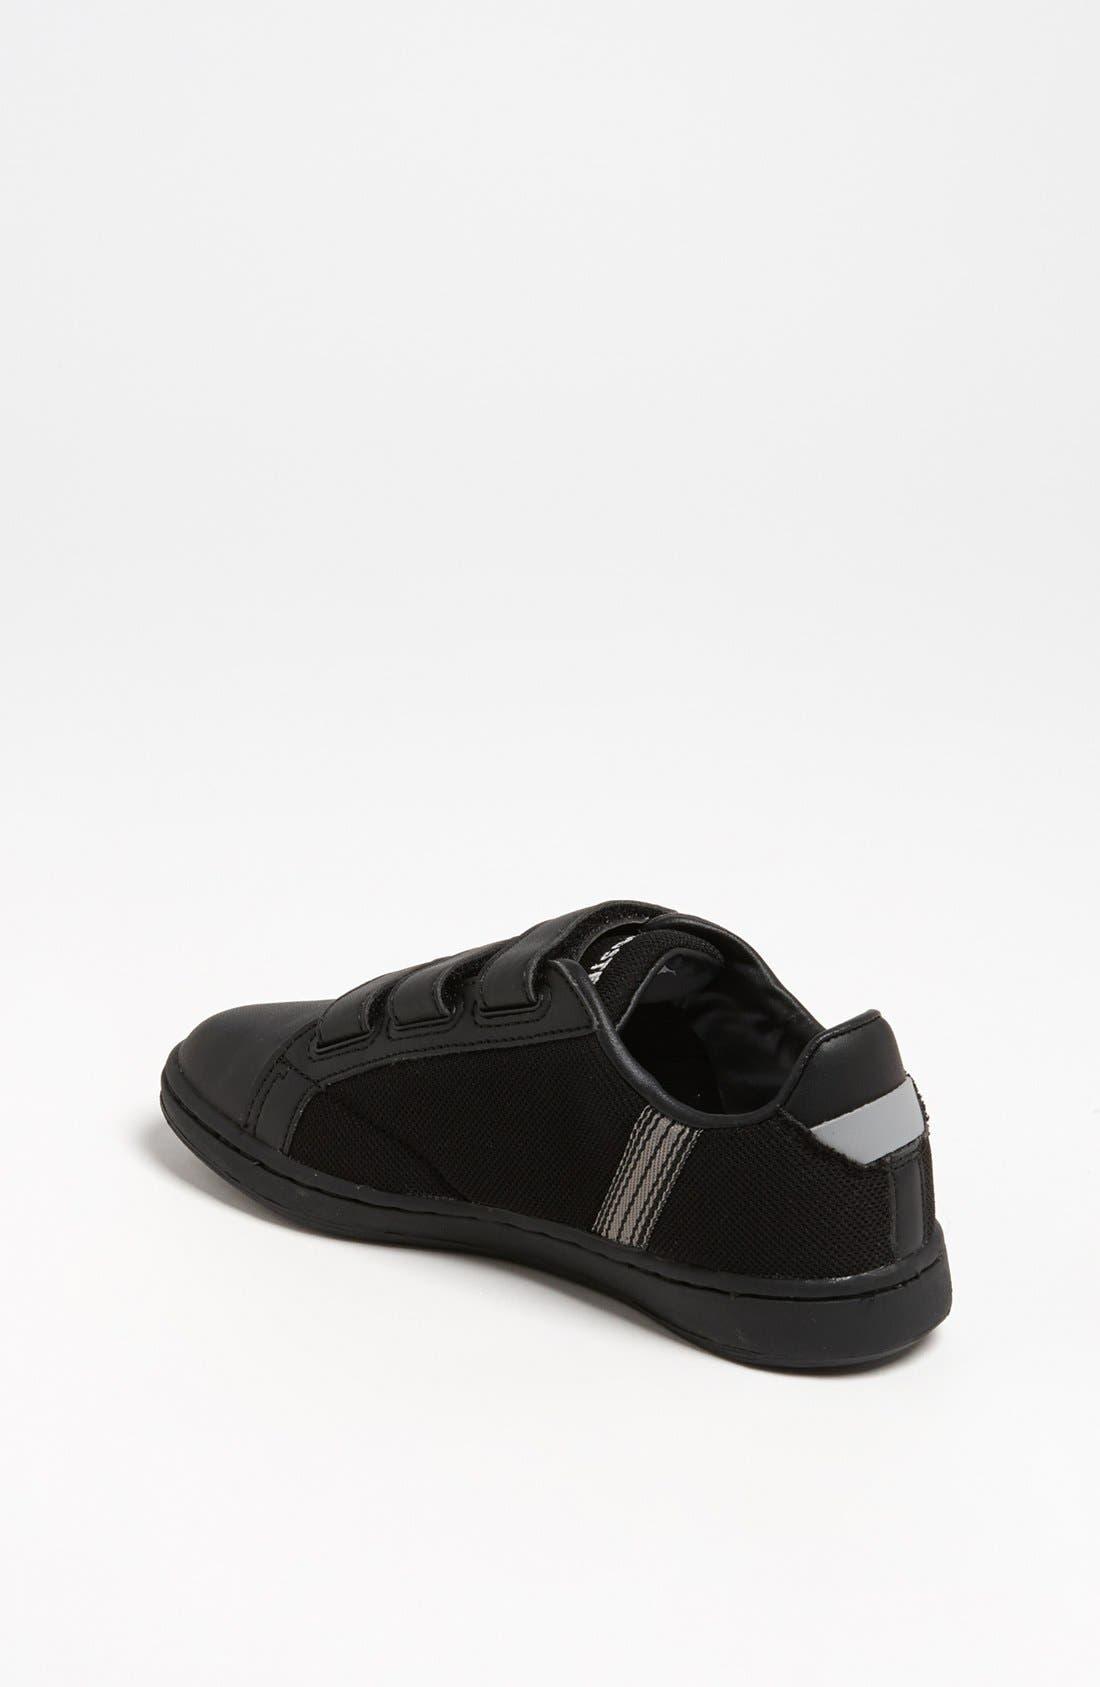 Alternate Image 2  - Lacoste 'Renard' Sneaker (Toddler & Little Kid)